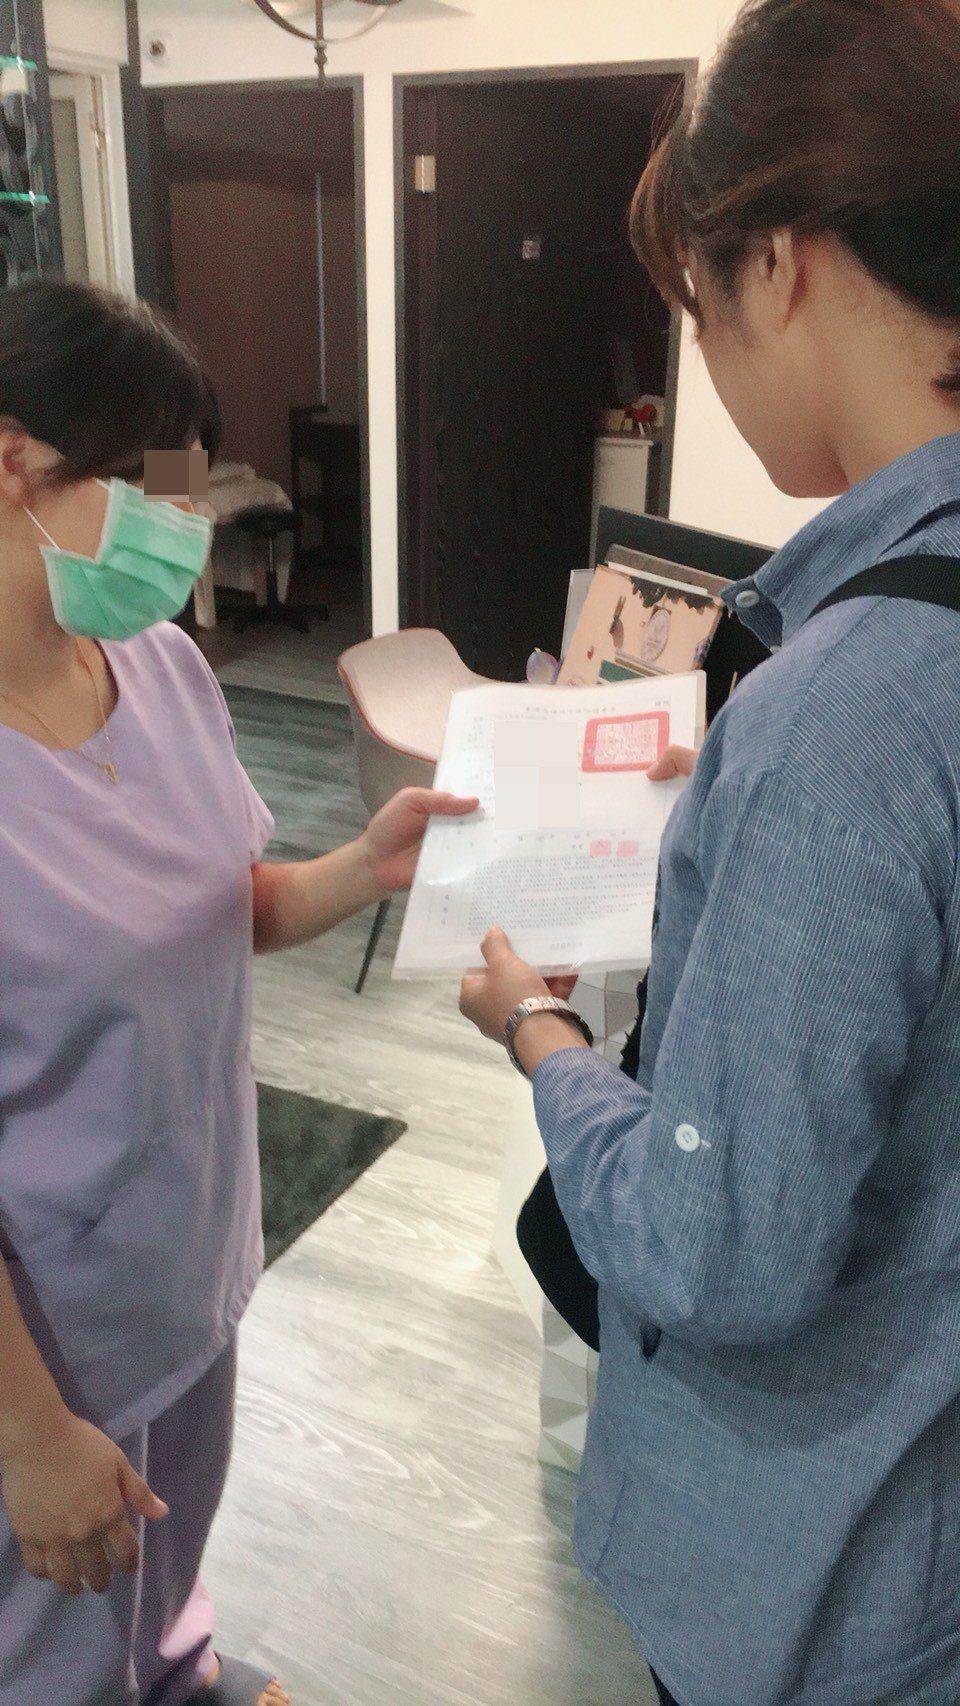 警方現場出示搜索票。記者劉星君/翻攝